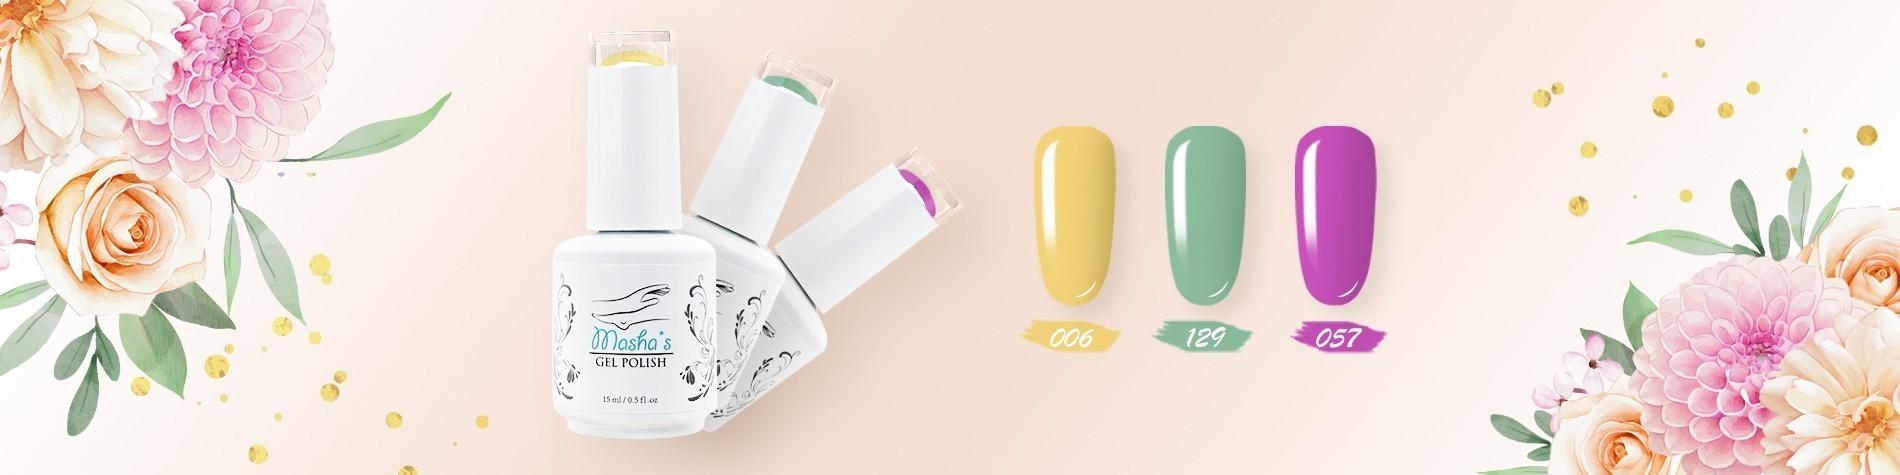 Masha`s gel polish banner Spring has come for desktop 01